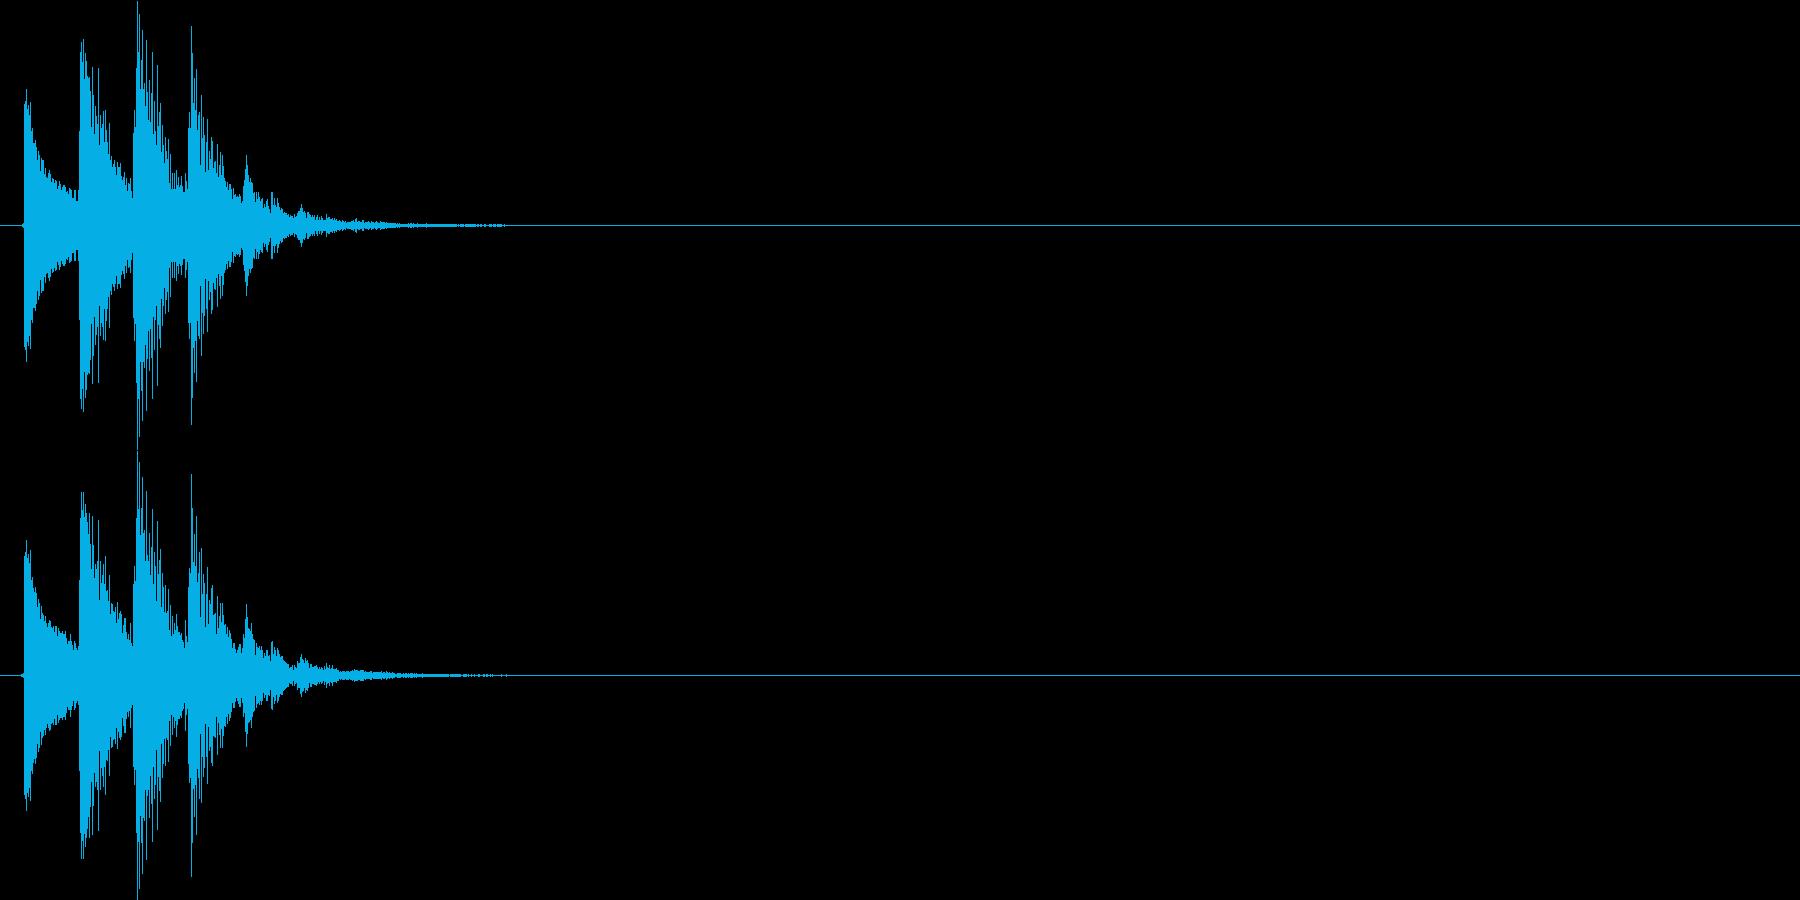 ピコッ(決定音、スタート音、起動音)の再生済みの波形